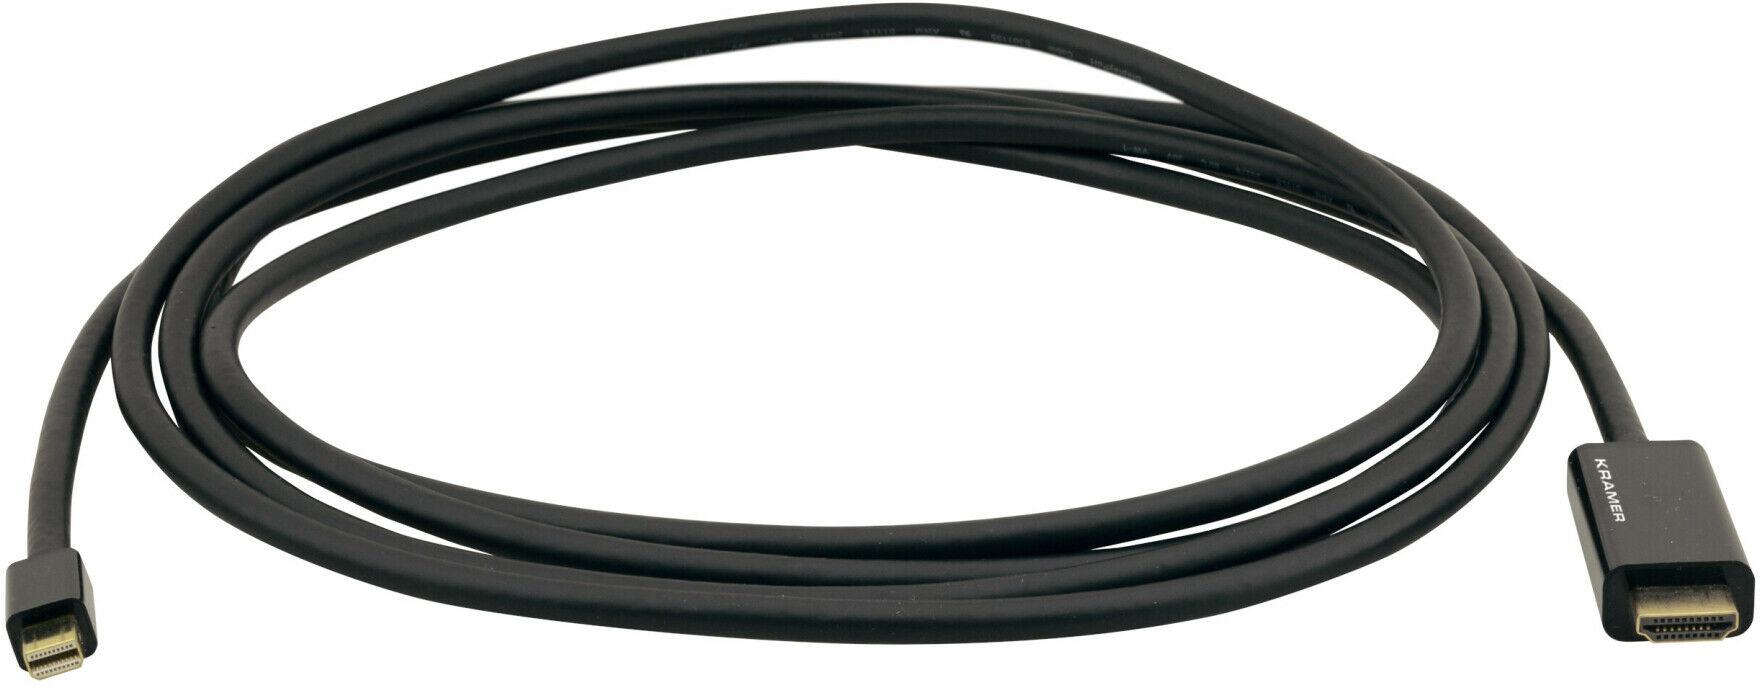 Kramer C-MDP/HM/UHD 4K aktywny adapter Mini-DisplayPort (M) na HDMI (M), 3 m